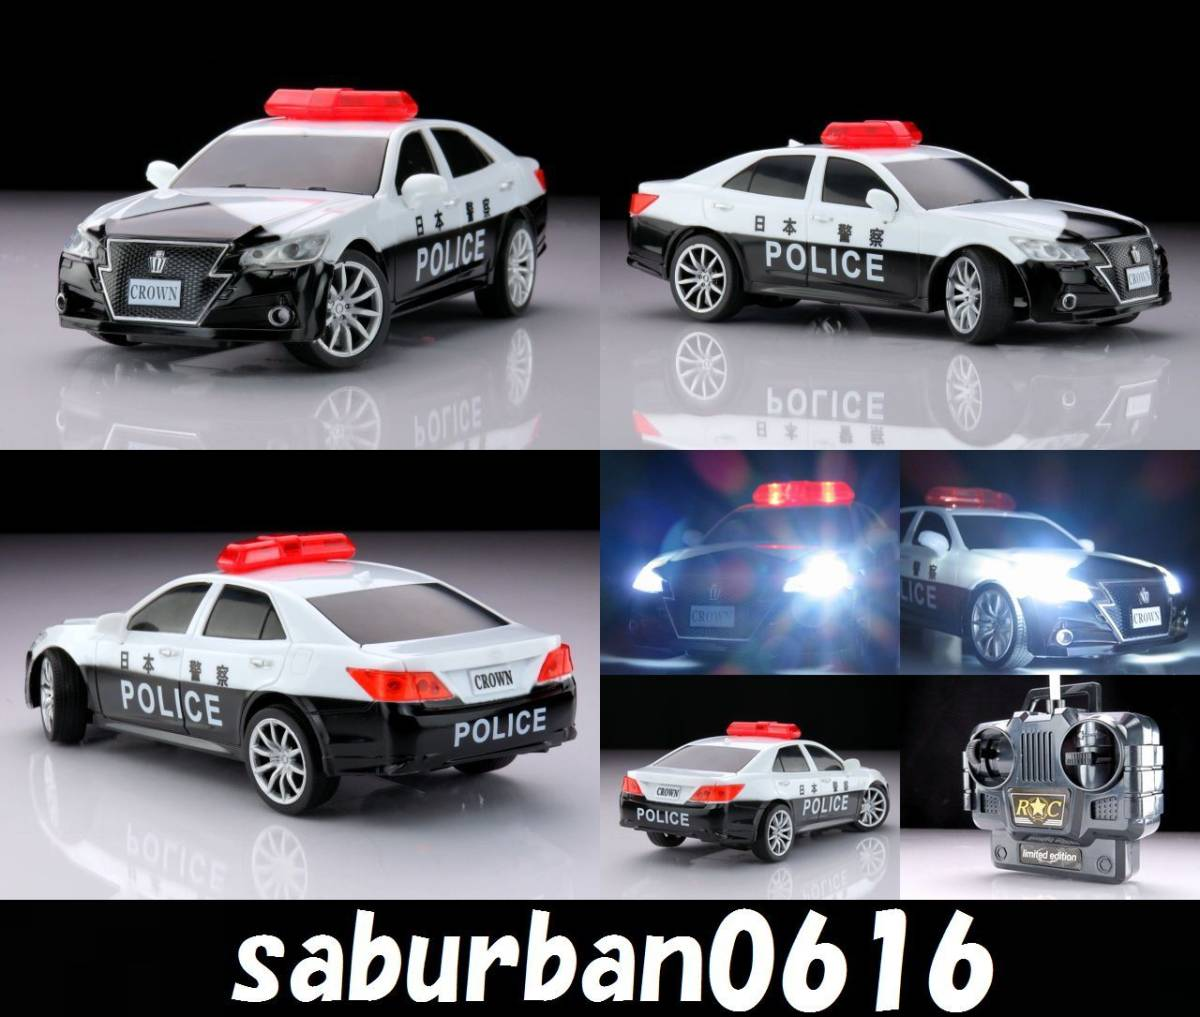 RC0530 パトカー トヨタ クラウン サイレン サウンド機能 アスリート 1/24ラジコンセット 警察 警視庁 緊急車両 ポリス 27MHzパトライトLED_画像1